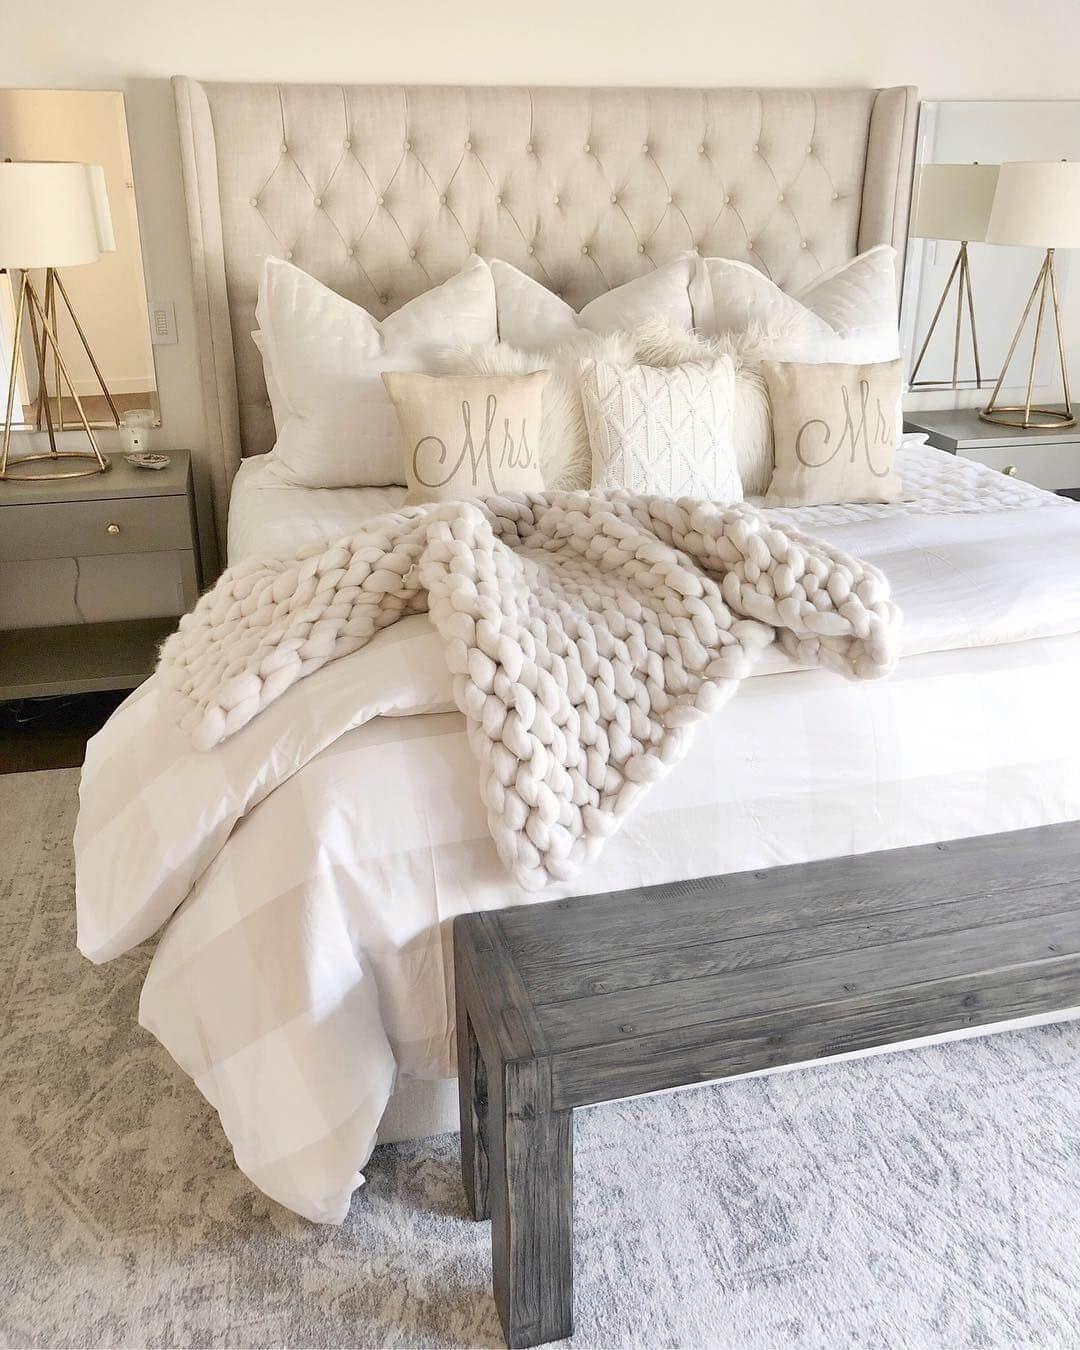 25 Inviting And Cozy Farmhouse Bedroom (The Visual Treats) - A17